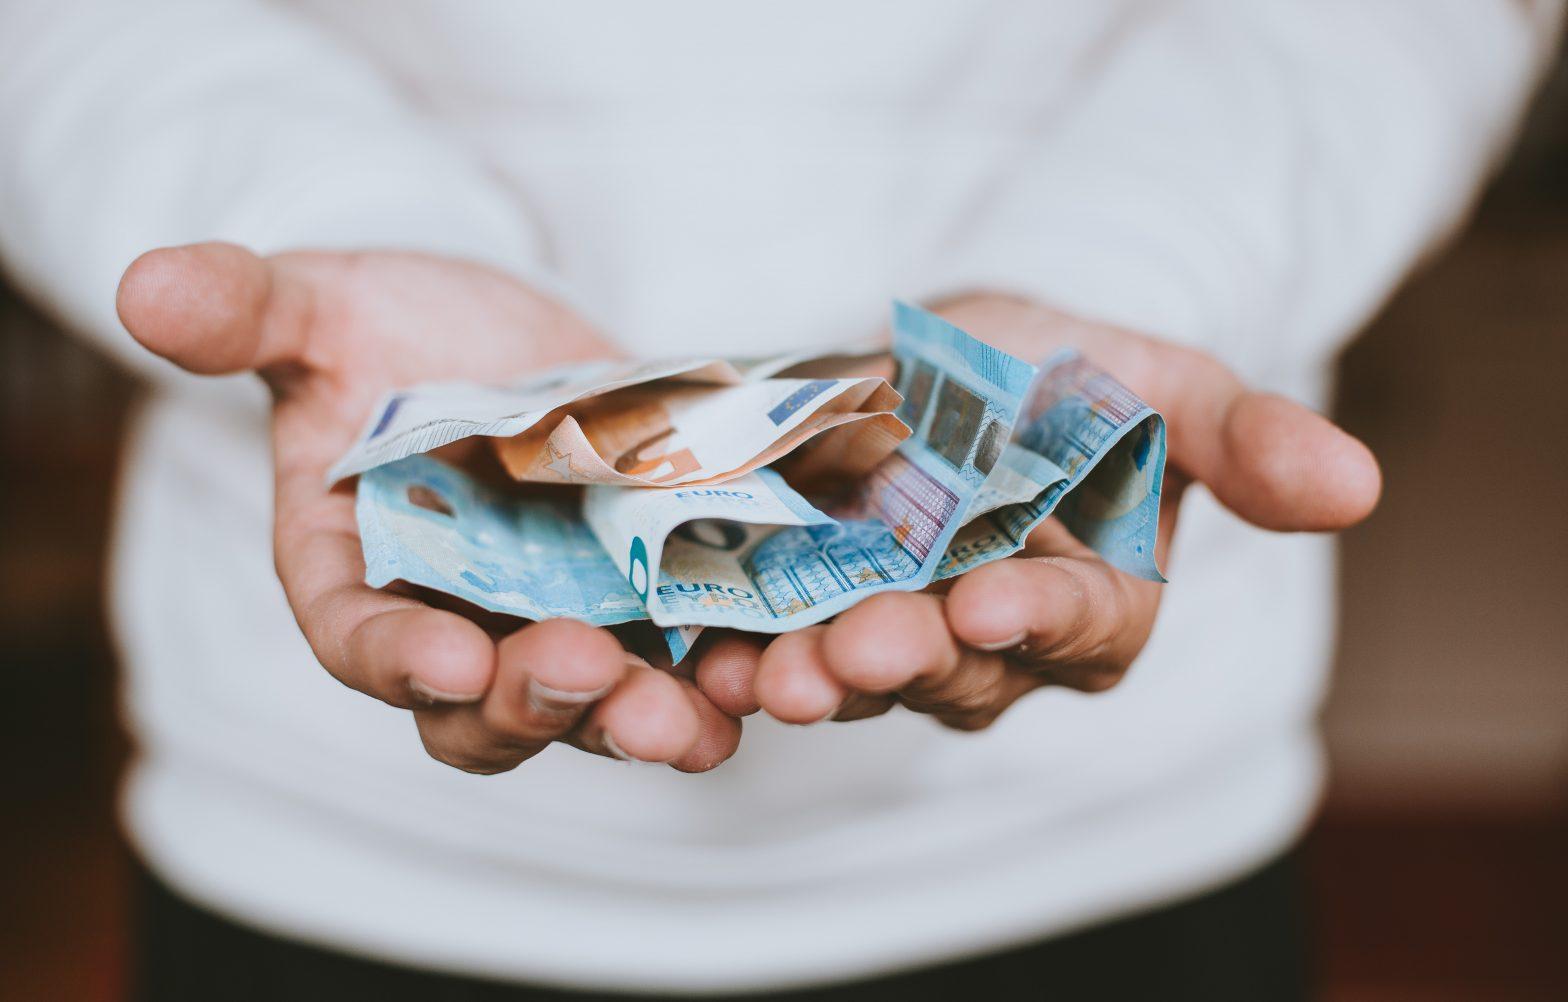 Agorapro - Girardi - 20201012 - fir partono i pagamenti dell'anticipo del rimborso richiesto